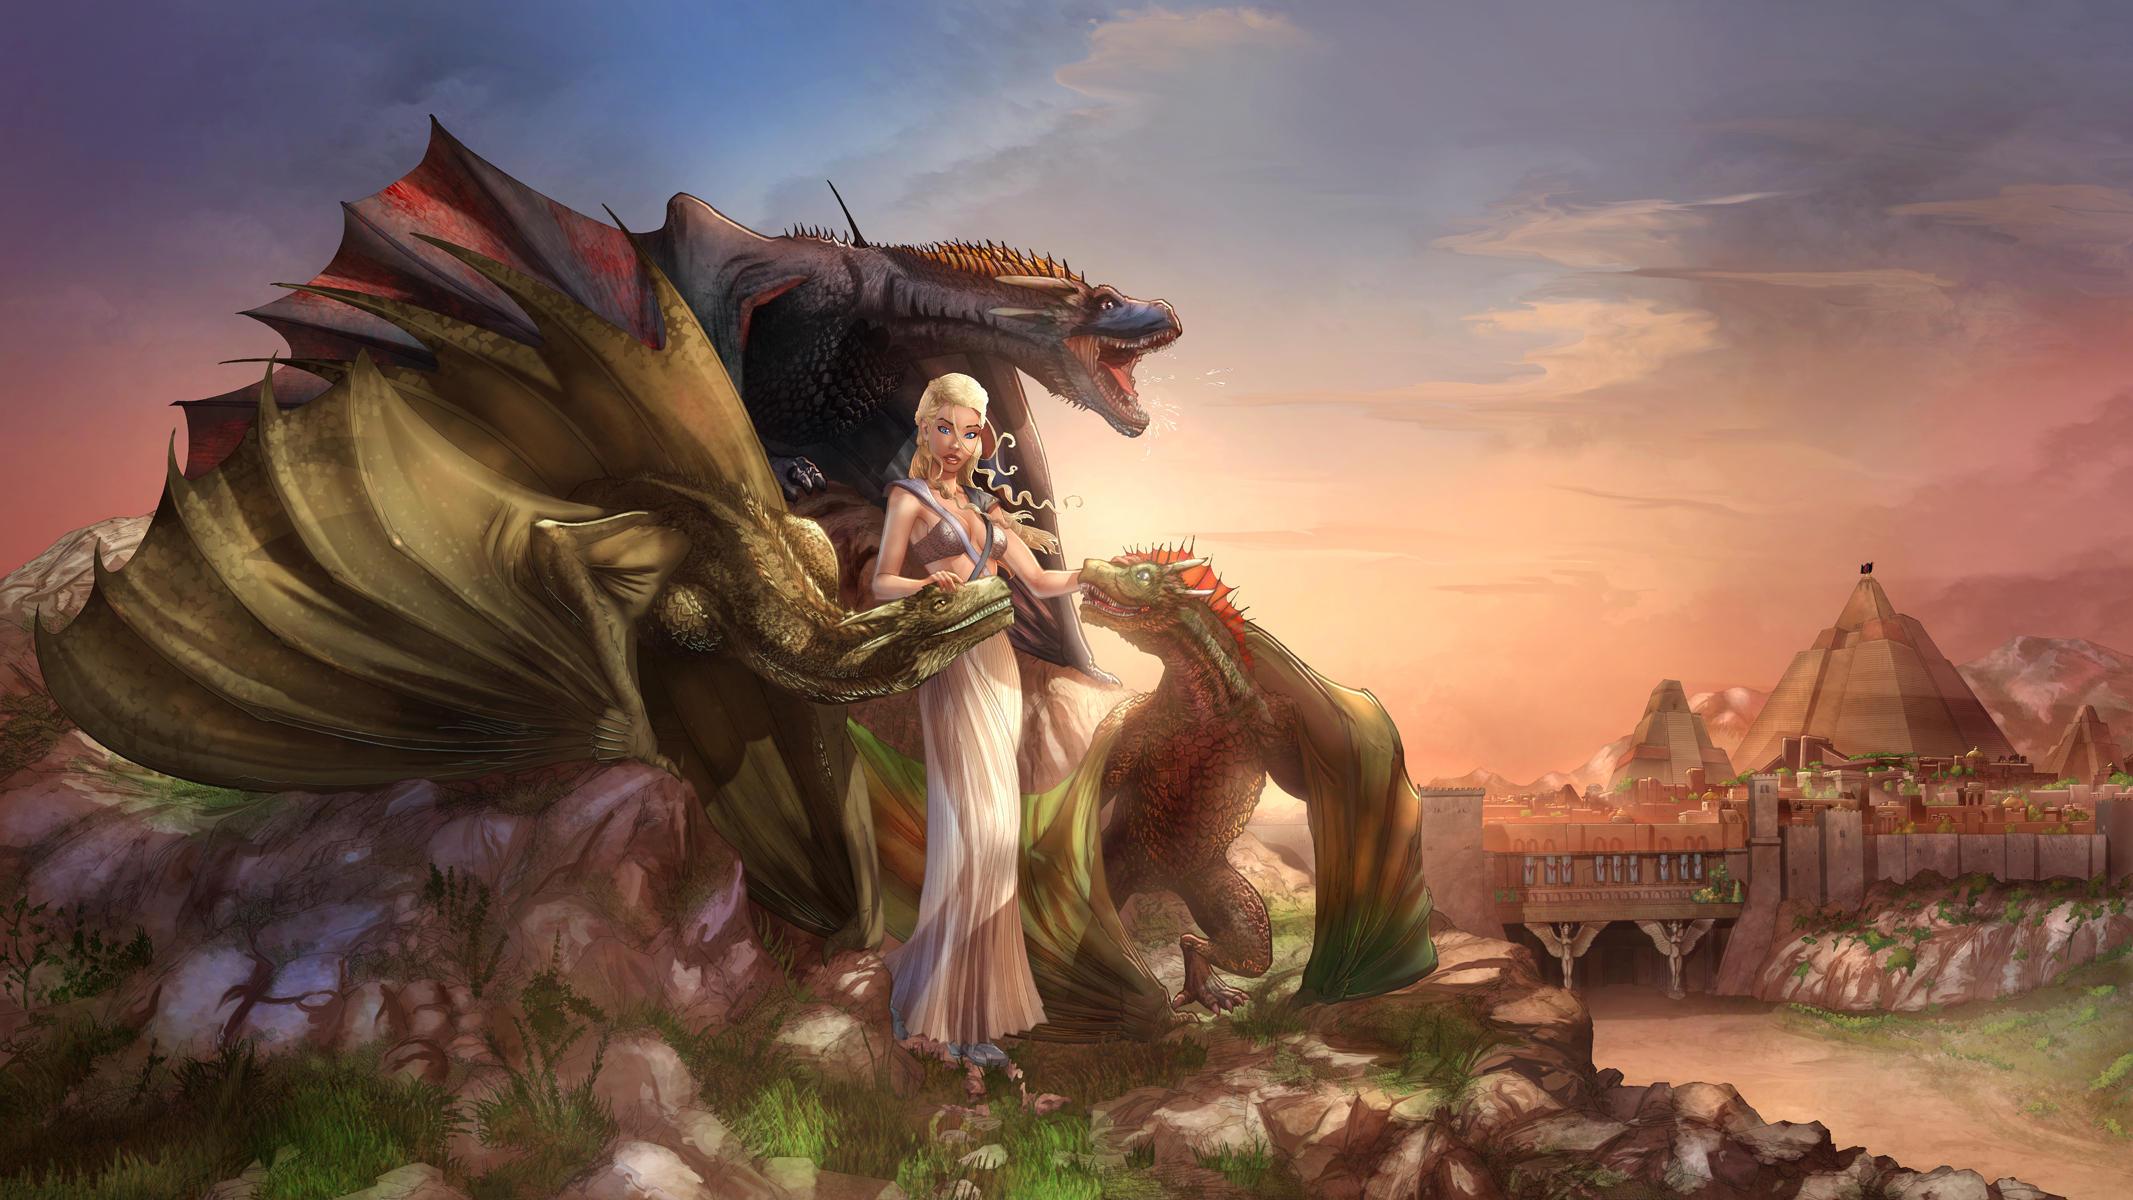 Daenerys Queen Of Meereen Color by vest